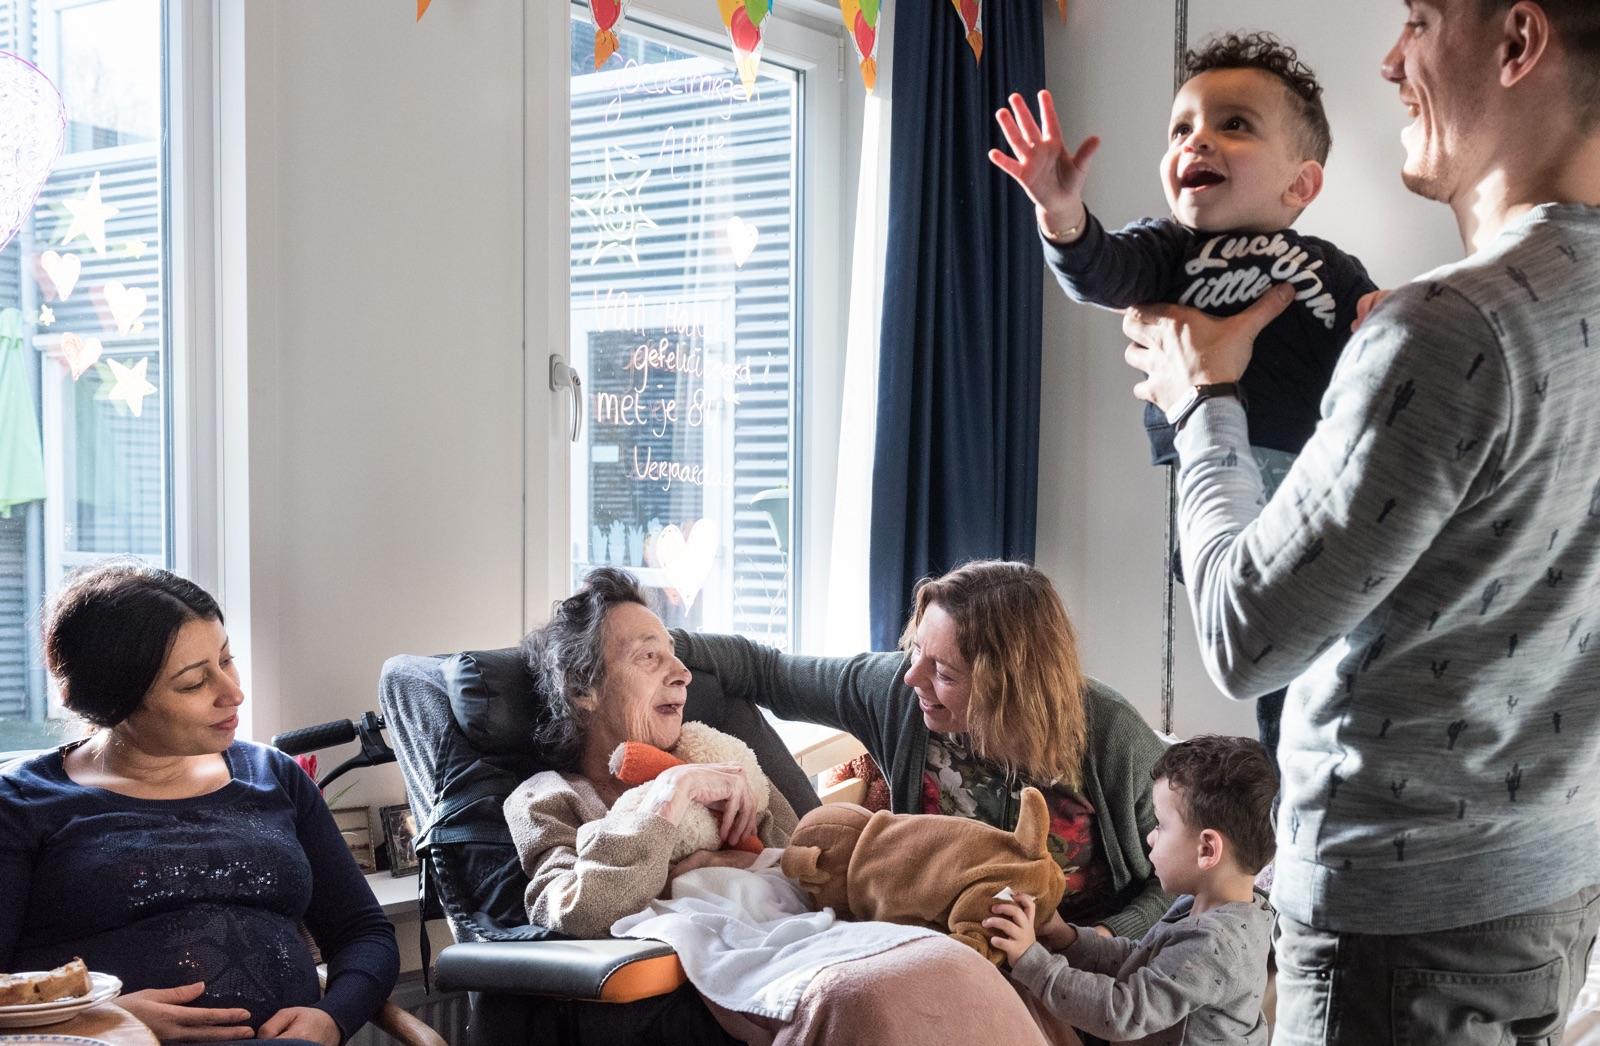 foto van oude vrouw in rolstoel met familie eromheen op haar verjaardag